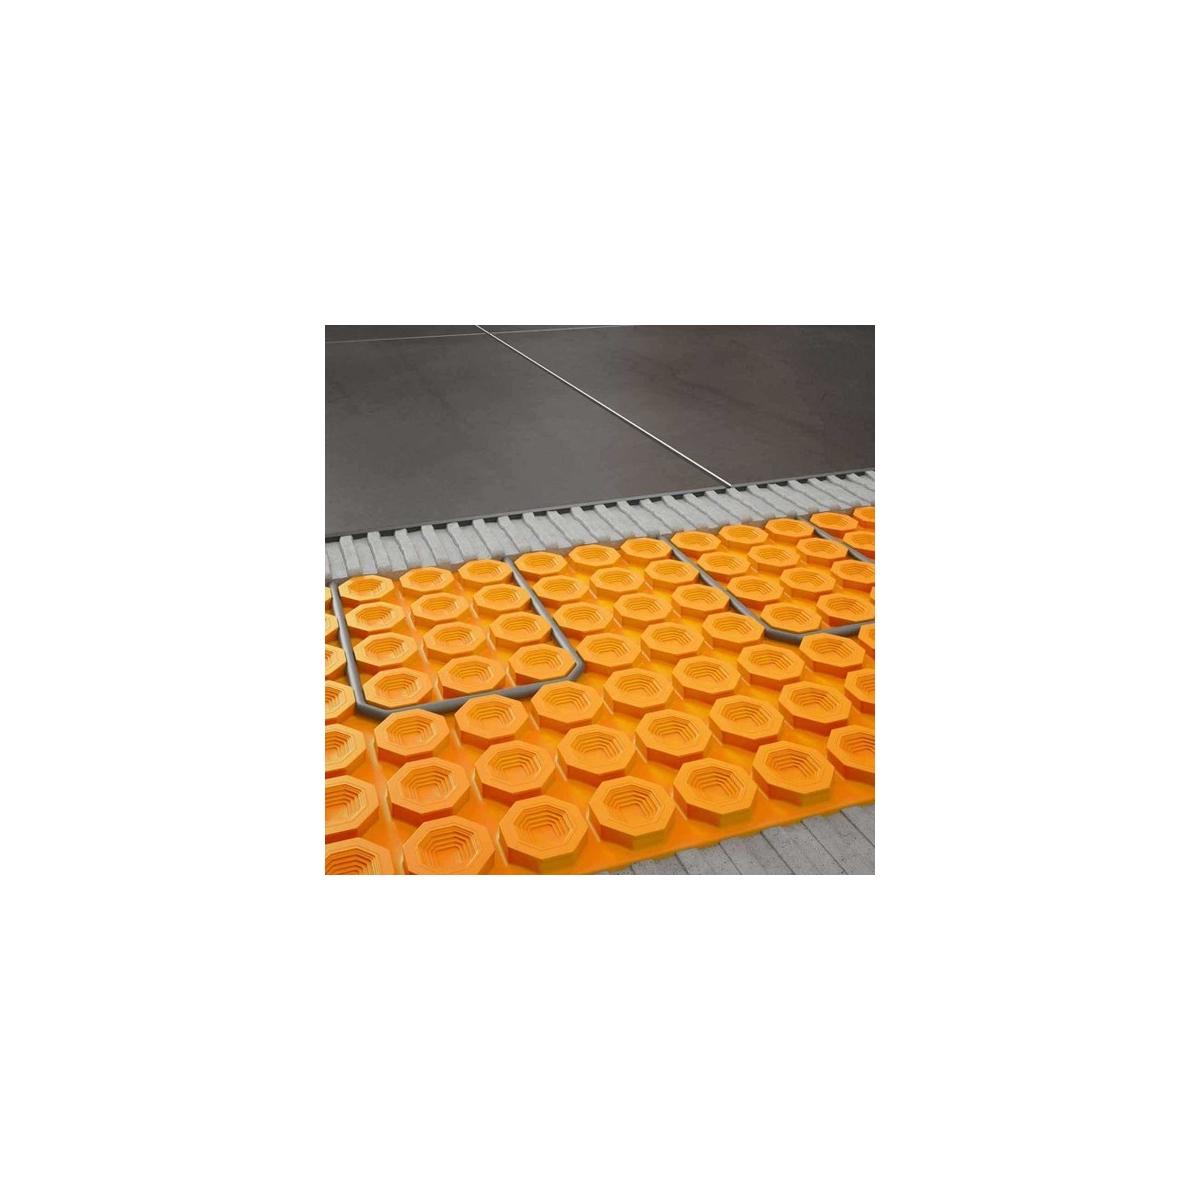 Suelo radiante mediante electricidad y termostato digital regulable y programable - Suelo radiante eléctrico